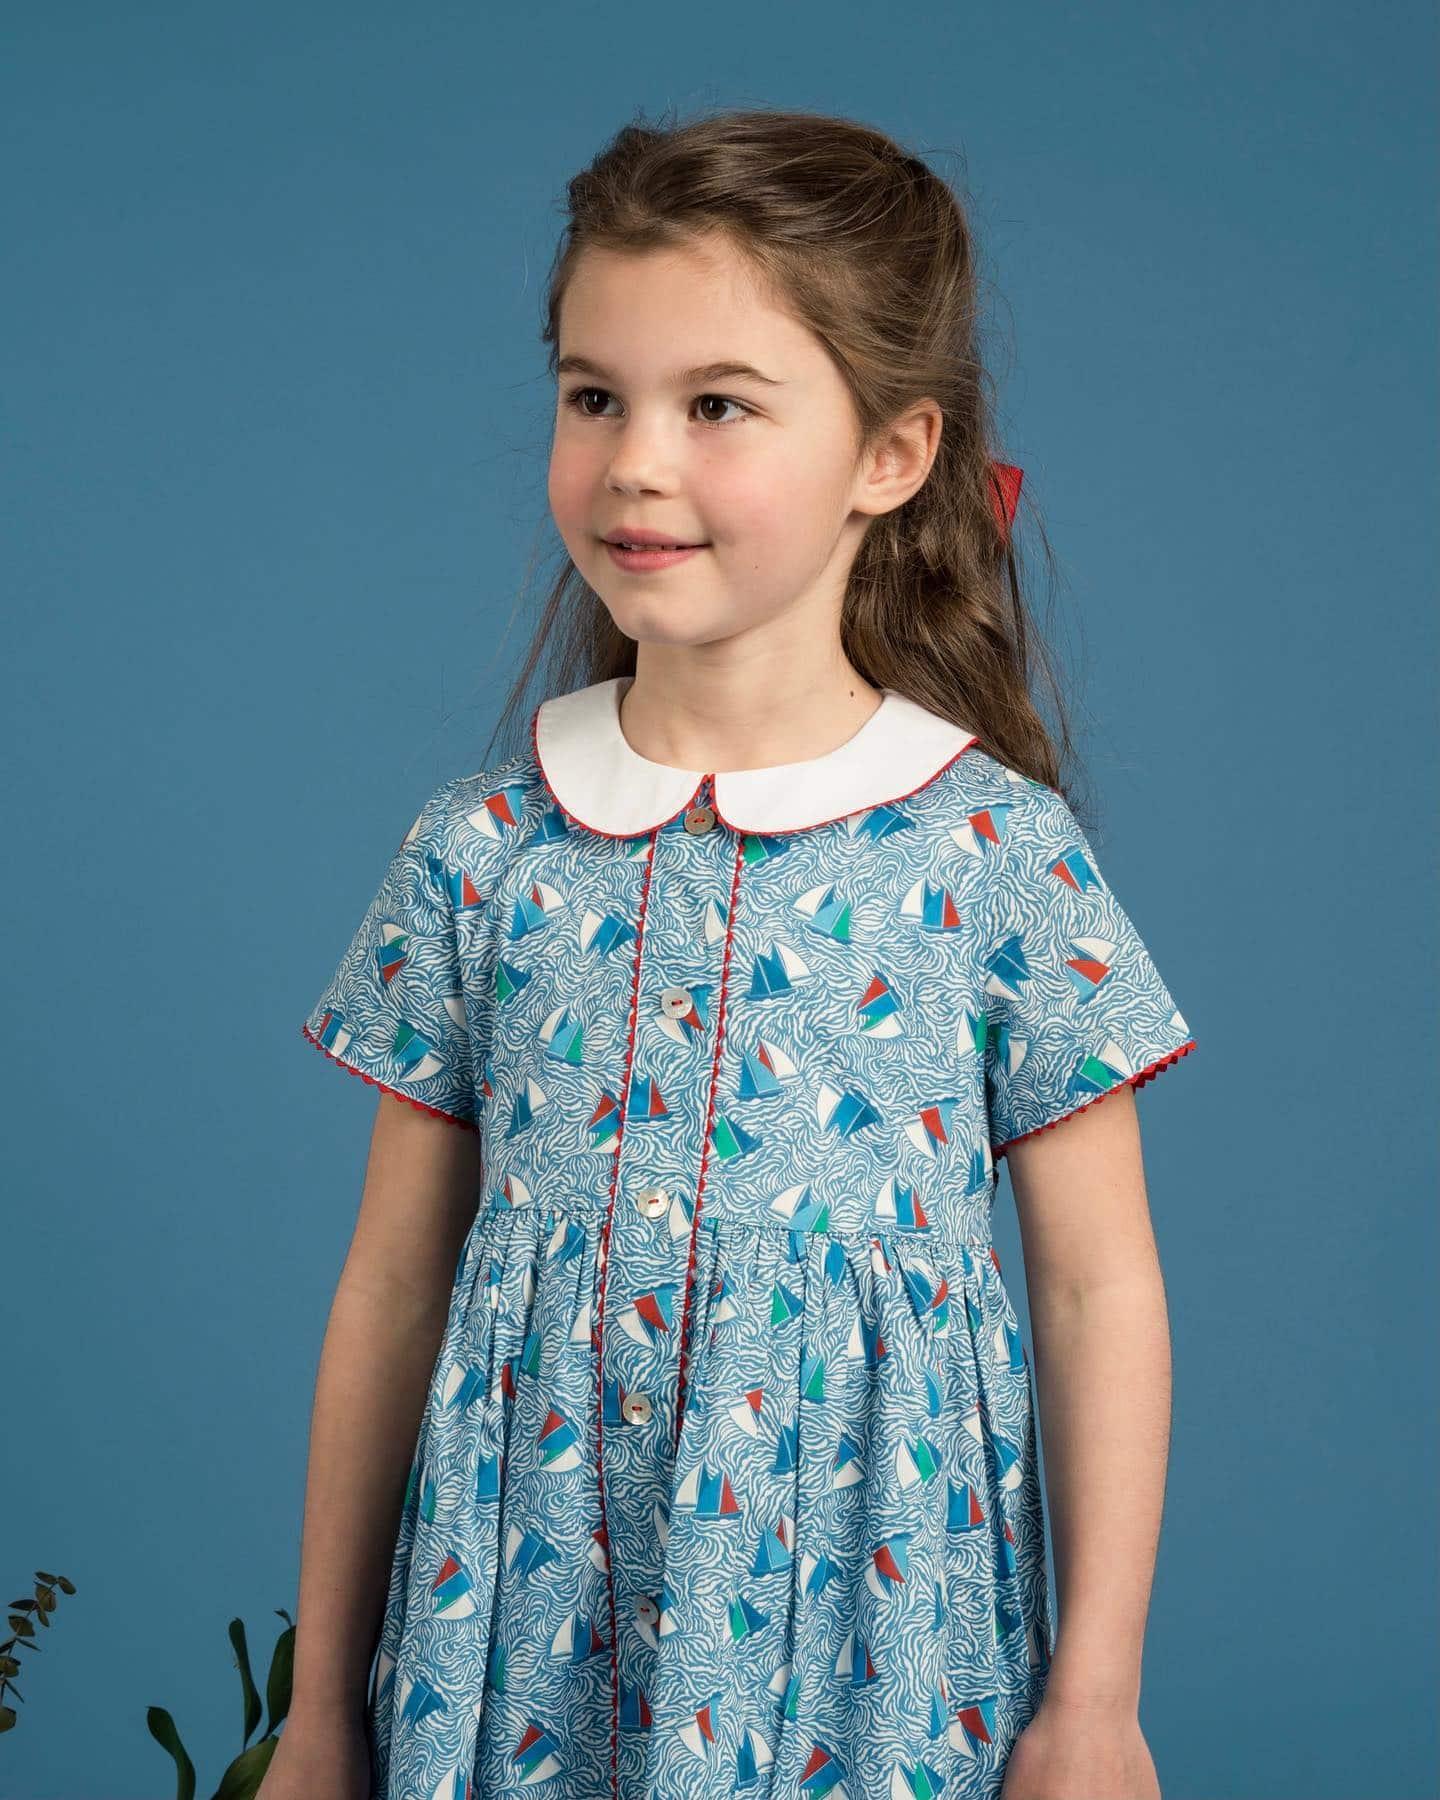 マリン柄リバティ️販売開始から大人気のCarole dress。シャーロット王女のお気に入りのデザインということもあって、毎年大人気のAmaia Kidsのワンピース️今年は同じリバティ生地のバッグもございますワンピースは既に完売サイズもございますので、気になる方はお早めにチェックしてみてください📸9枚目の二枚襟がキュートなチェック柄Caroline dressも人気です——————————————————Happy Royal Anniversary ポイント10倍キャンペーン!■4月29日(木)0:00 〜 5月5日(水)23:59■通常100円毎に1ポイントが貯まるオンラインショップにて、100円毎に10ポイントが貯まります。嬉しいポイント10倍!貯まったポイントは次回のお買い物の際に100ポイント100円として使用可能です。🛍◉また「母の日」にキャサリン妃ご愛用の婦人マスクやブラウス、バッグをギフトにされるお客様へ、作家さん手描きの「母の日カード」をプレゼント中。詳しくはHPをご覧ください@bonitatokyo︎ONLINE STOREhttps://bonitatokyo.com#bonitatokyo #amaiakids #アマイアキッズ #シャーロット王女 #キャサリン妃 #イギリス王室 #出産祝い #女の子服 #初節句 #リバティワンピース #リバティ生地